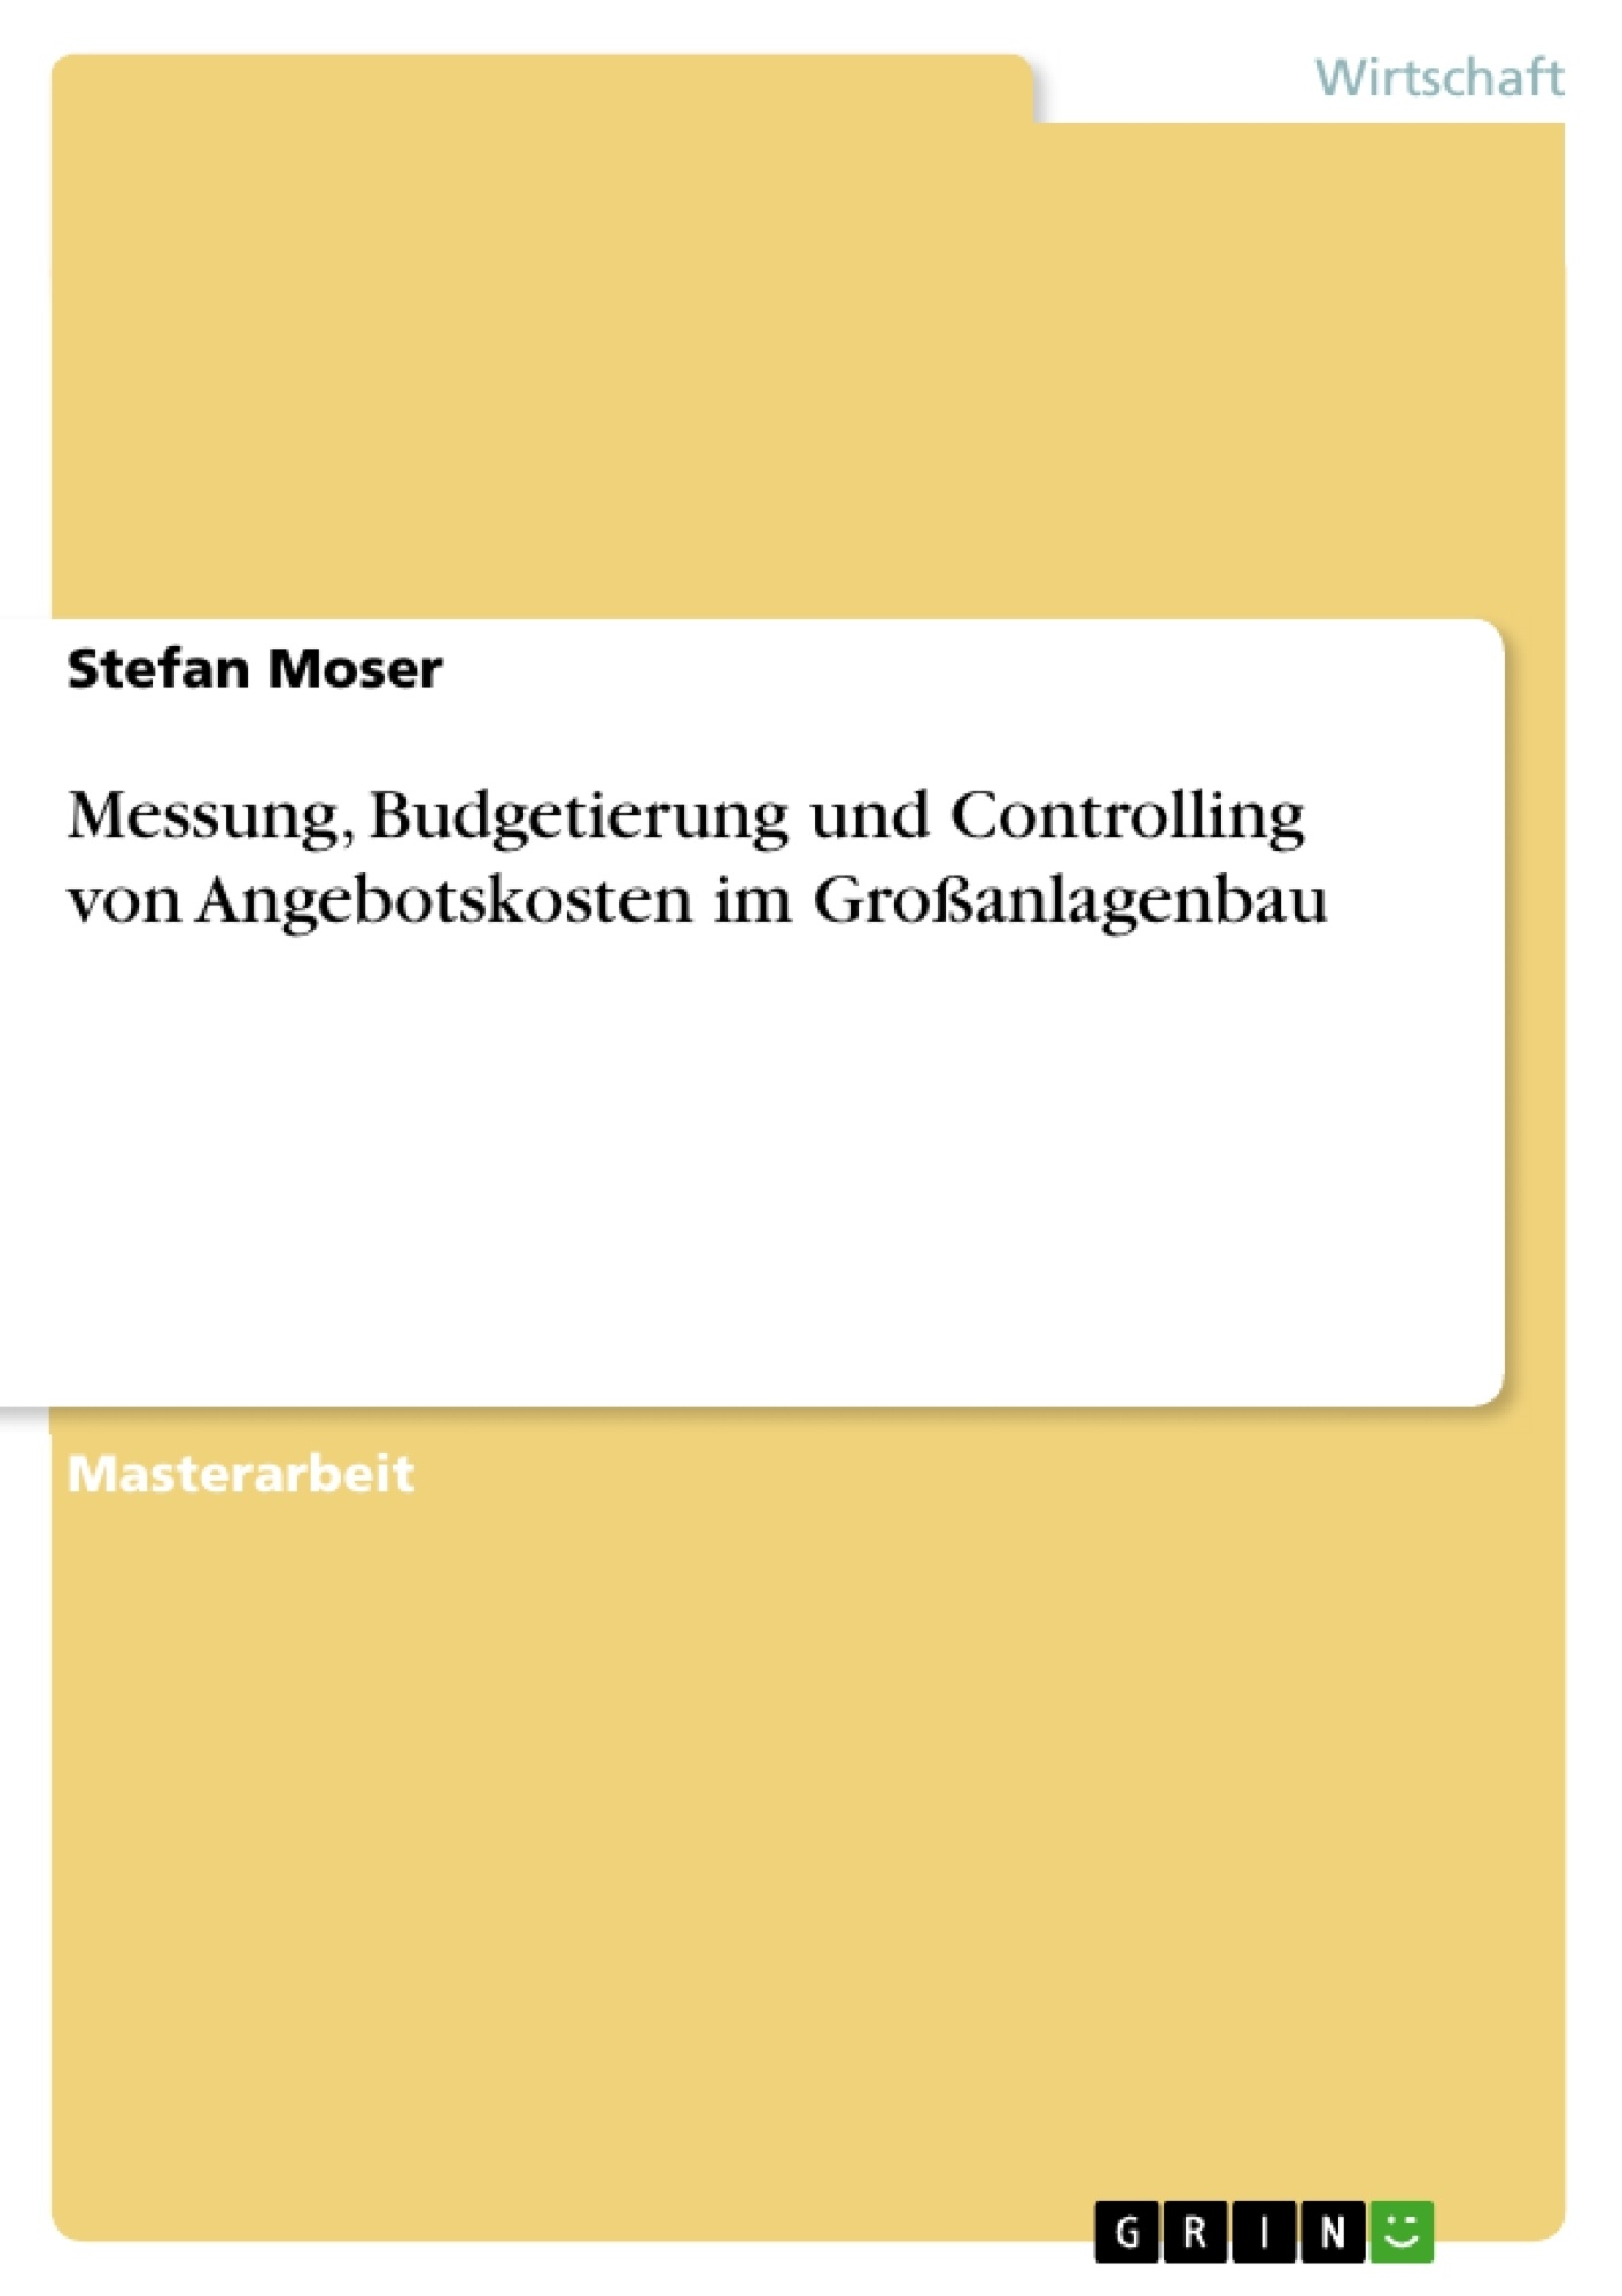 Titel: Messung, Budgetierung und Controlling von Angebotskosten im Großanlagenbau